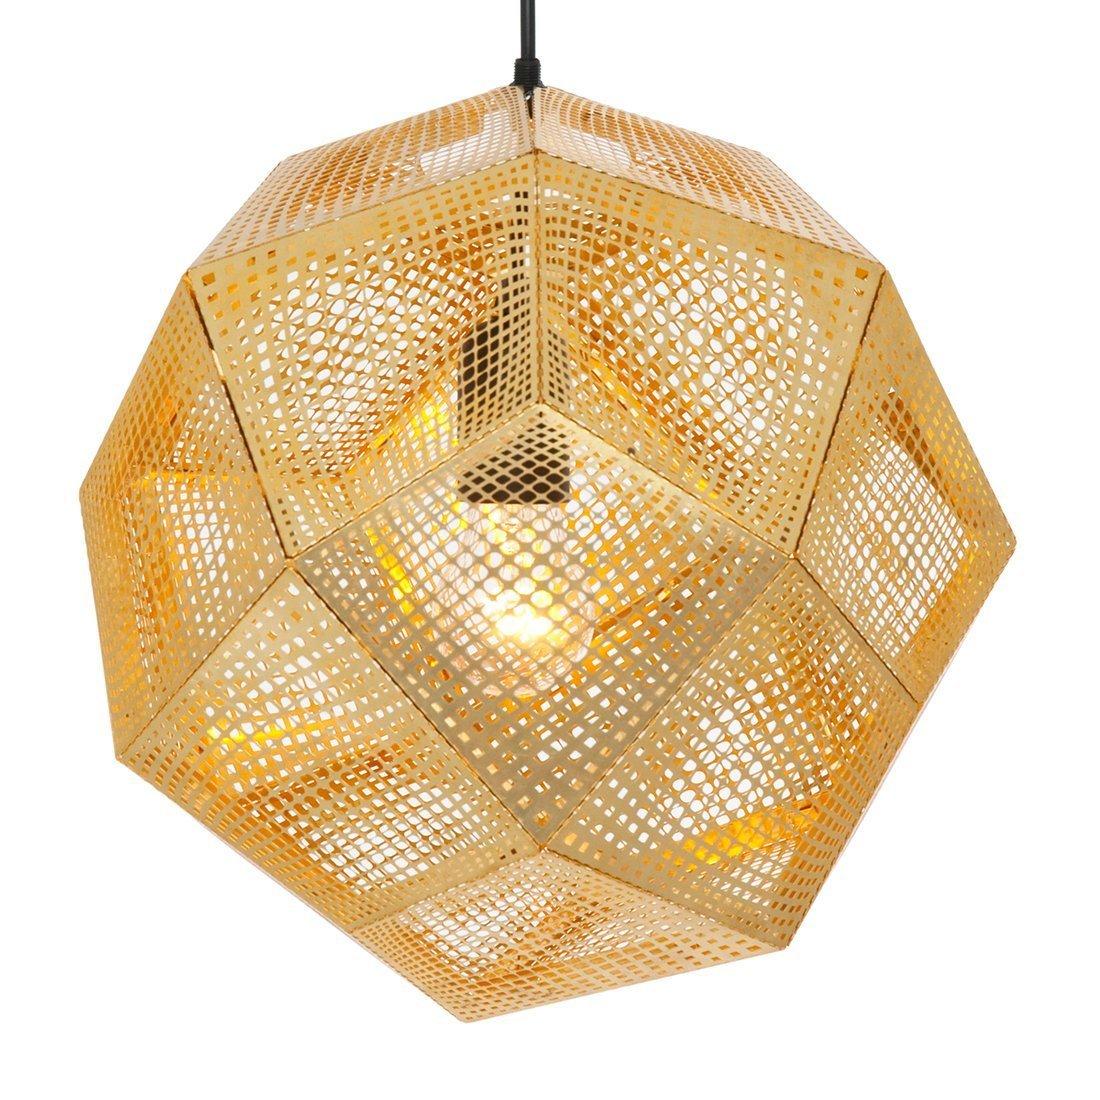 Tom Dixon Etch Shade Hanglamp